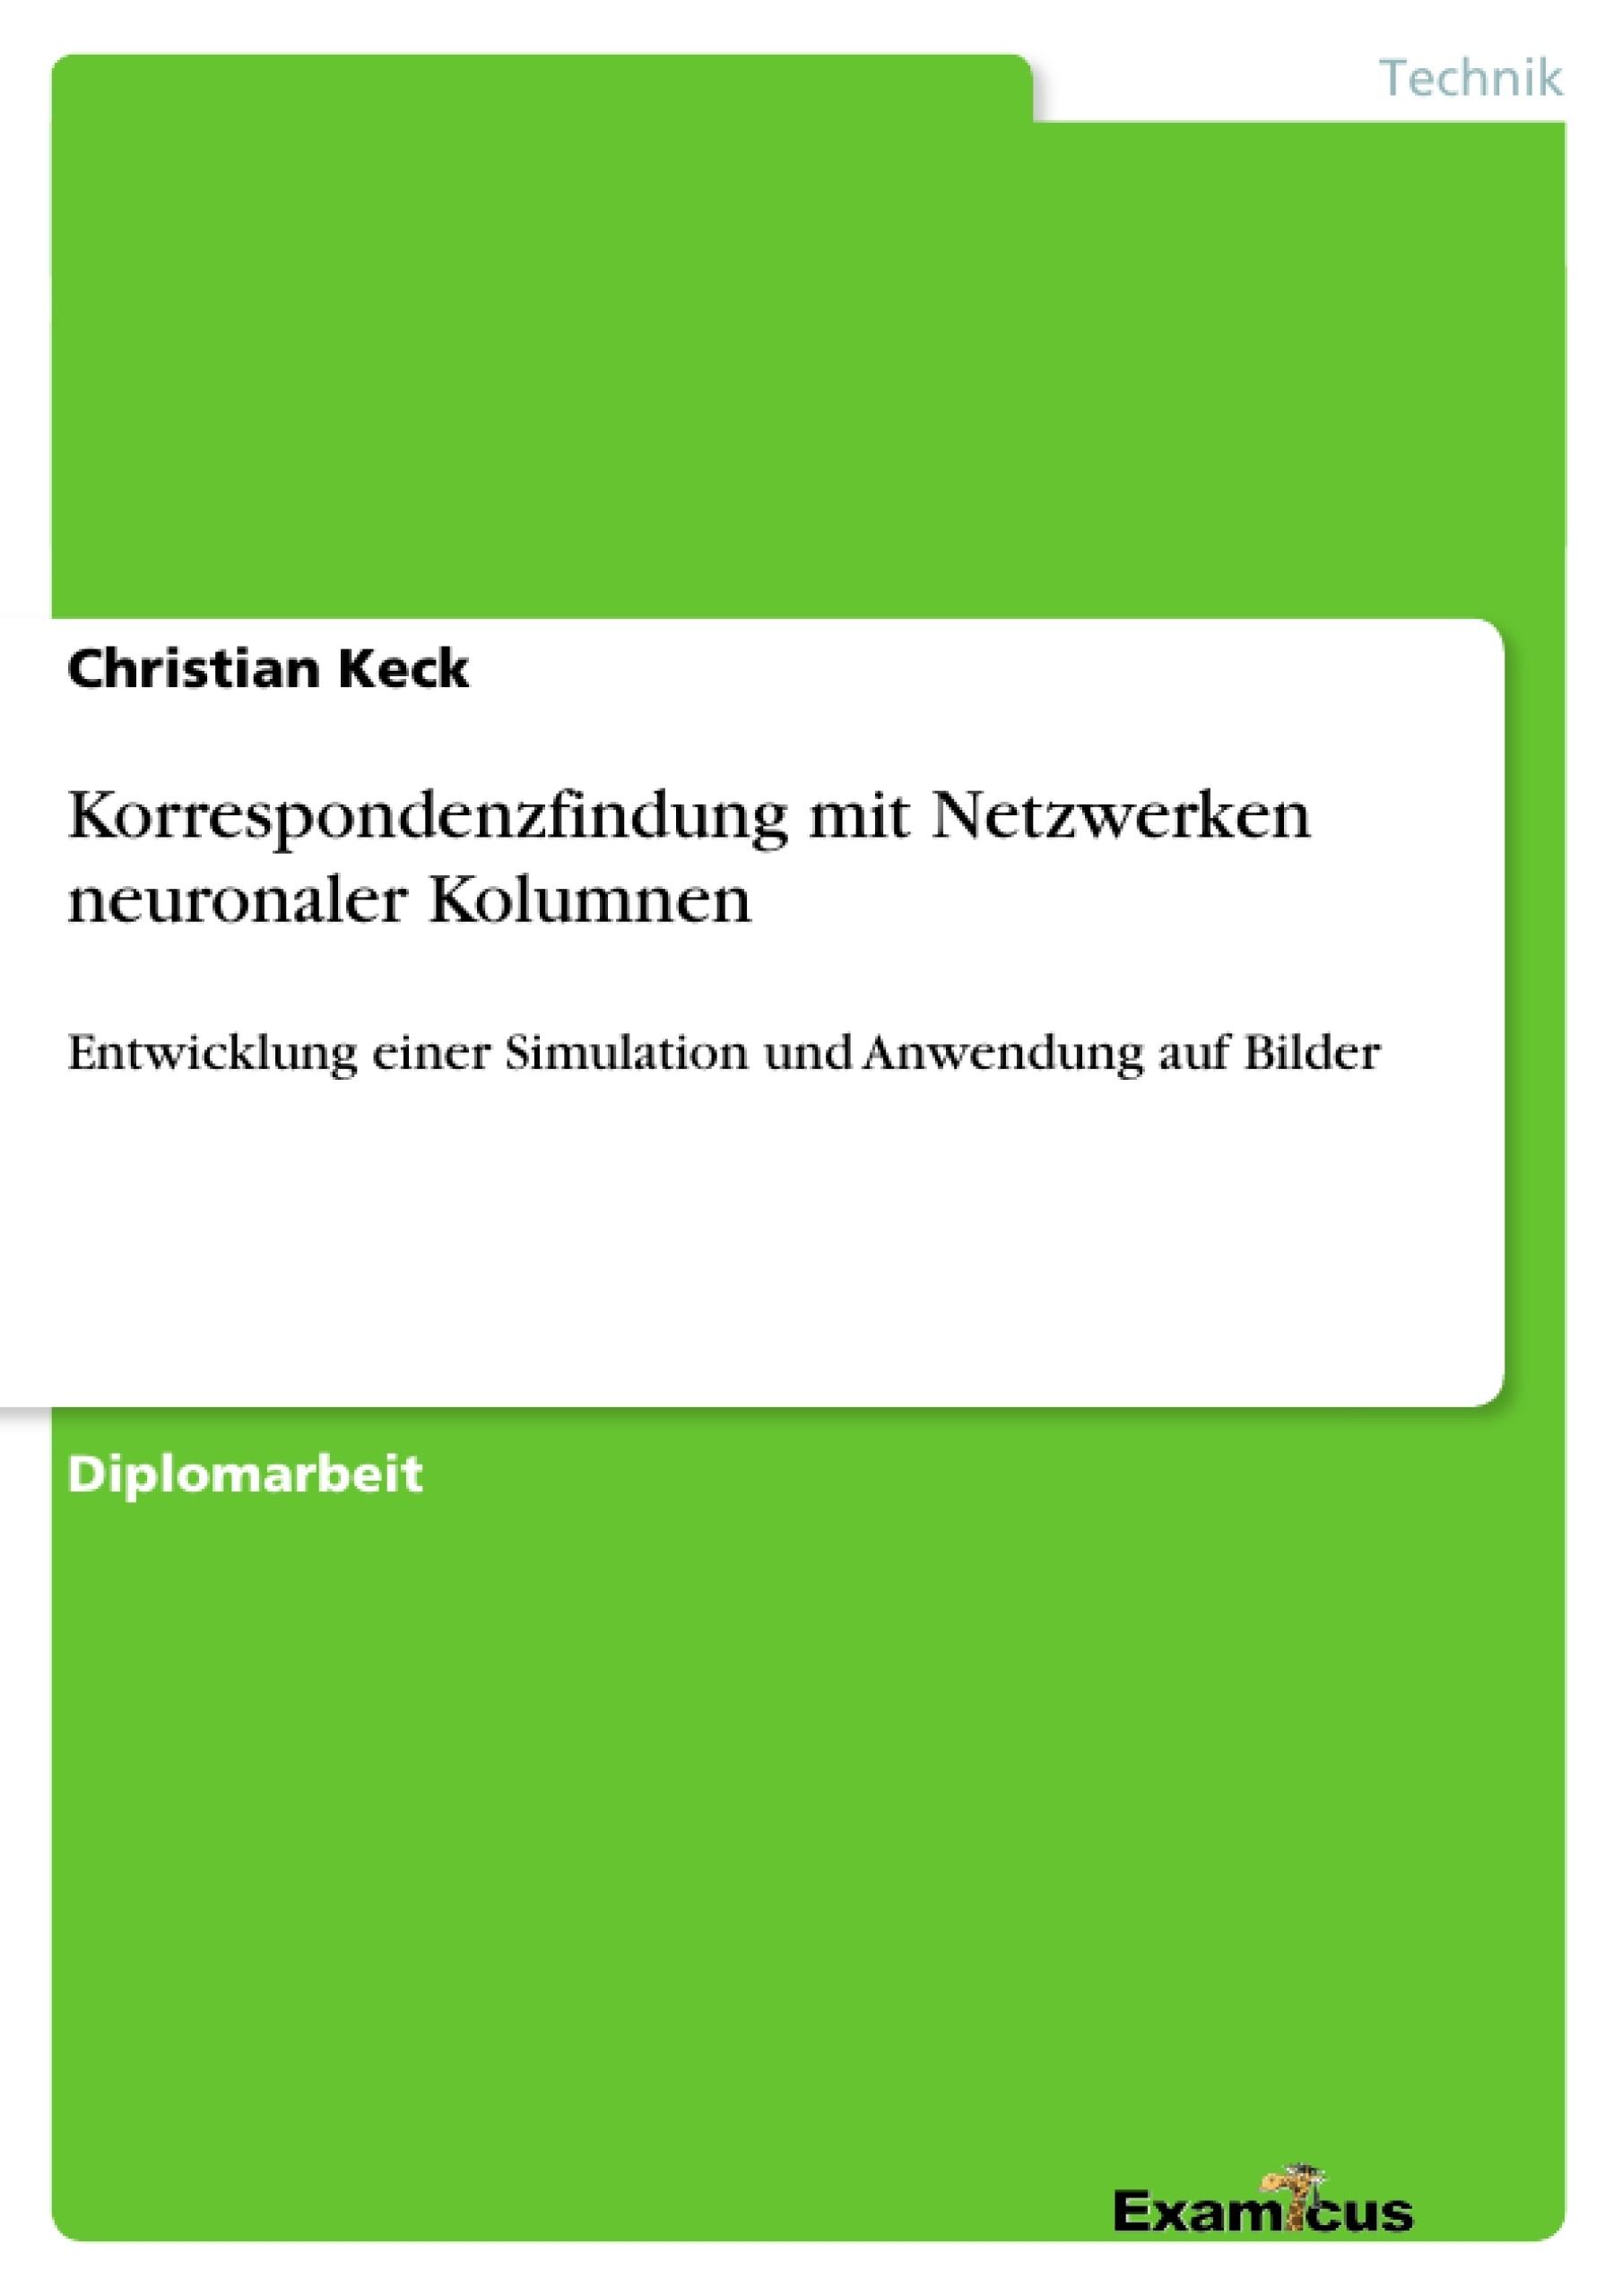 Titel: Korrespondenzfindung mit Netzwerken neuronaler Kolumnen